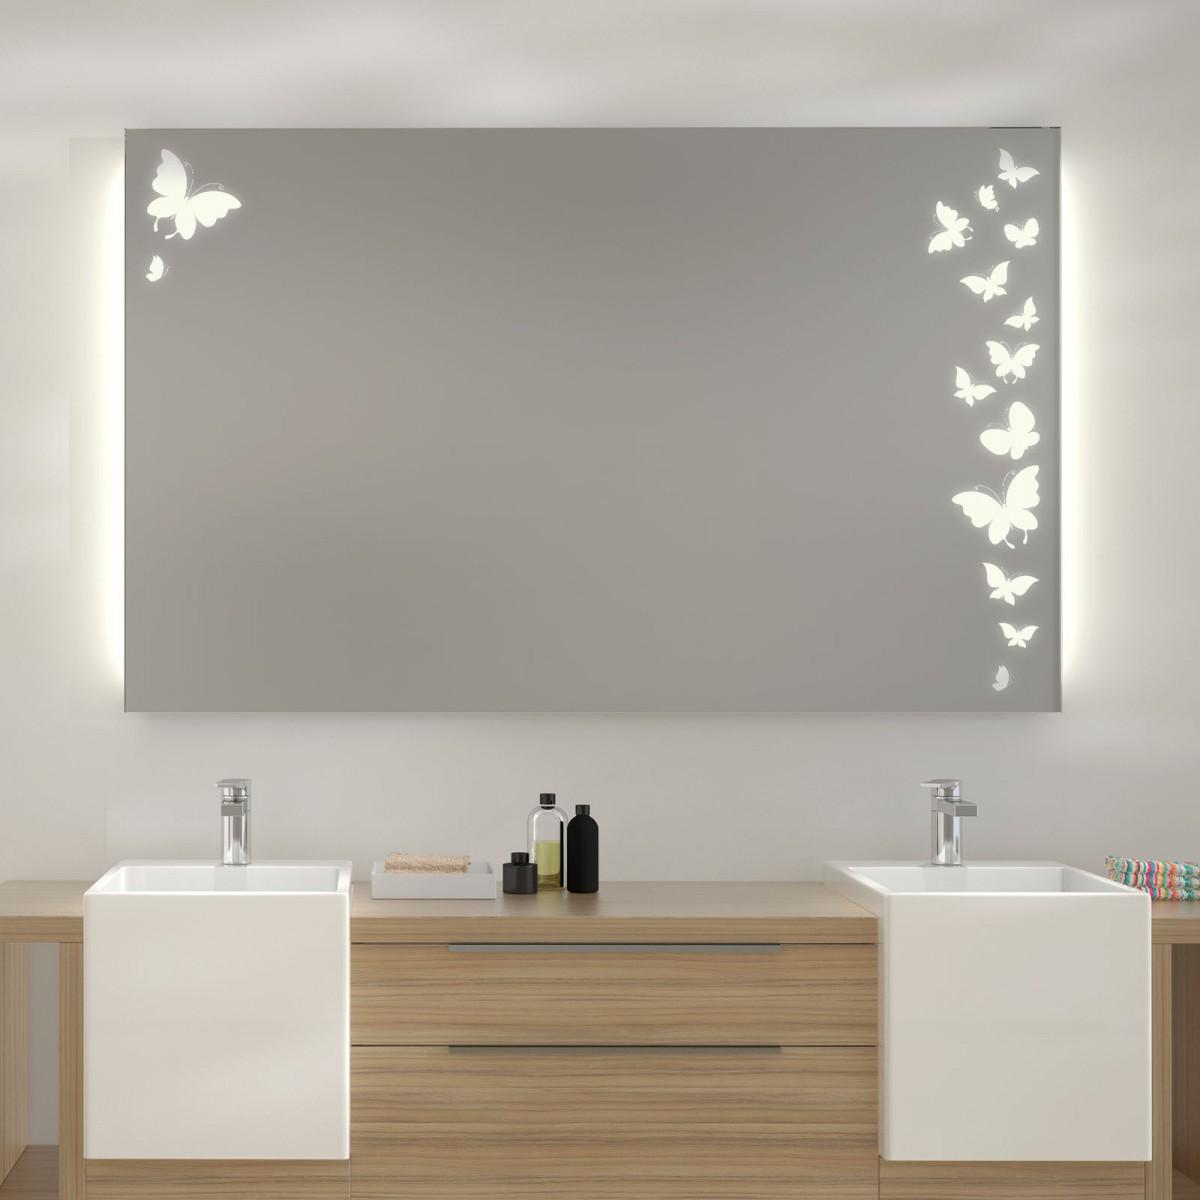 Spiegel Mit Led Beleuchtung Ulm Badspiegel Kaufen Badspiegel Shop Badspiegel Nach Mass